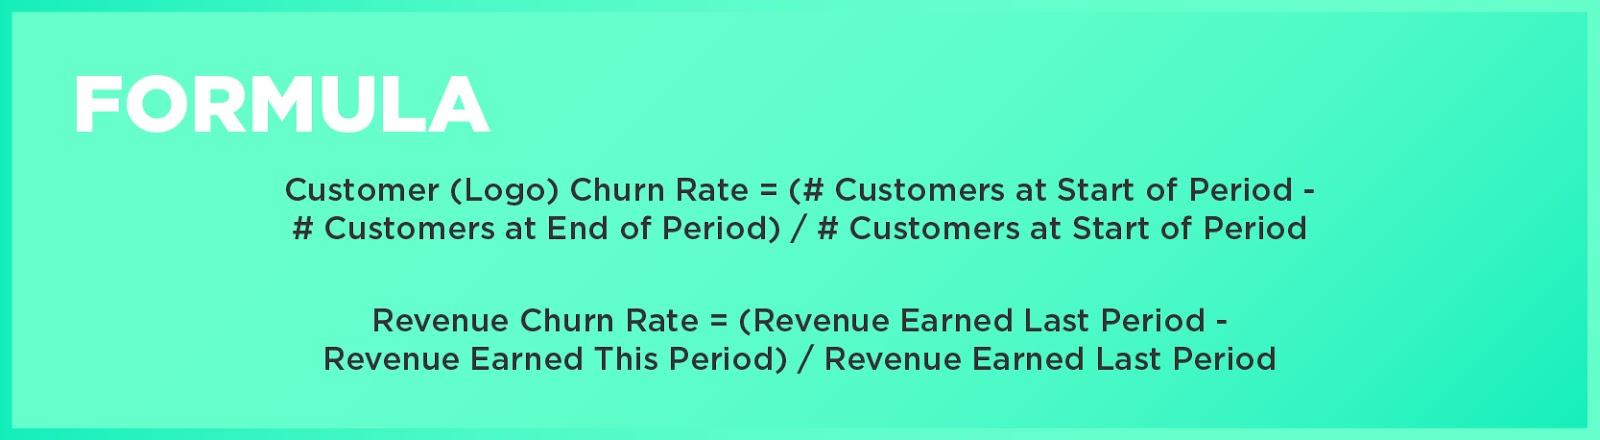 Formula: Customer (Logo) Churn Rate = (# Customers at Start of Period - # Customers at End of Period) / # Customers at Start of PeriodRevenue Churn Rate = (Revenue Earned Last Period - Revenue Earned This Period) / Revenue Earned Last Period